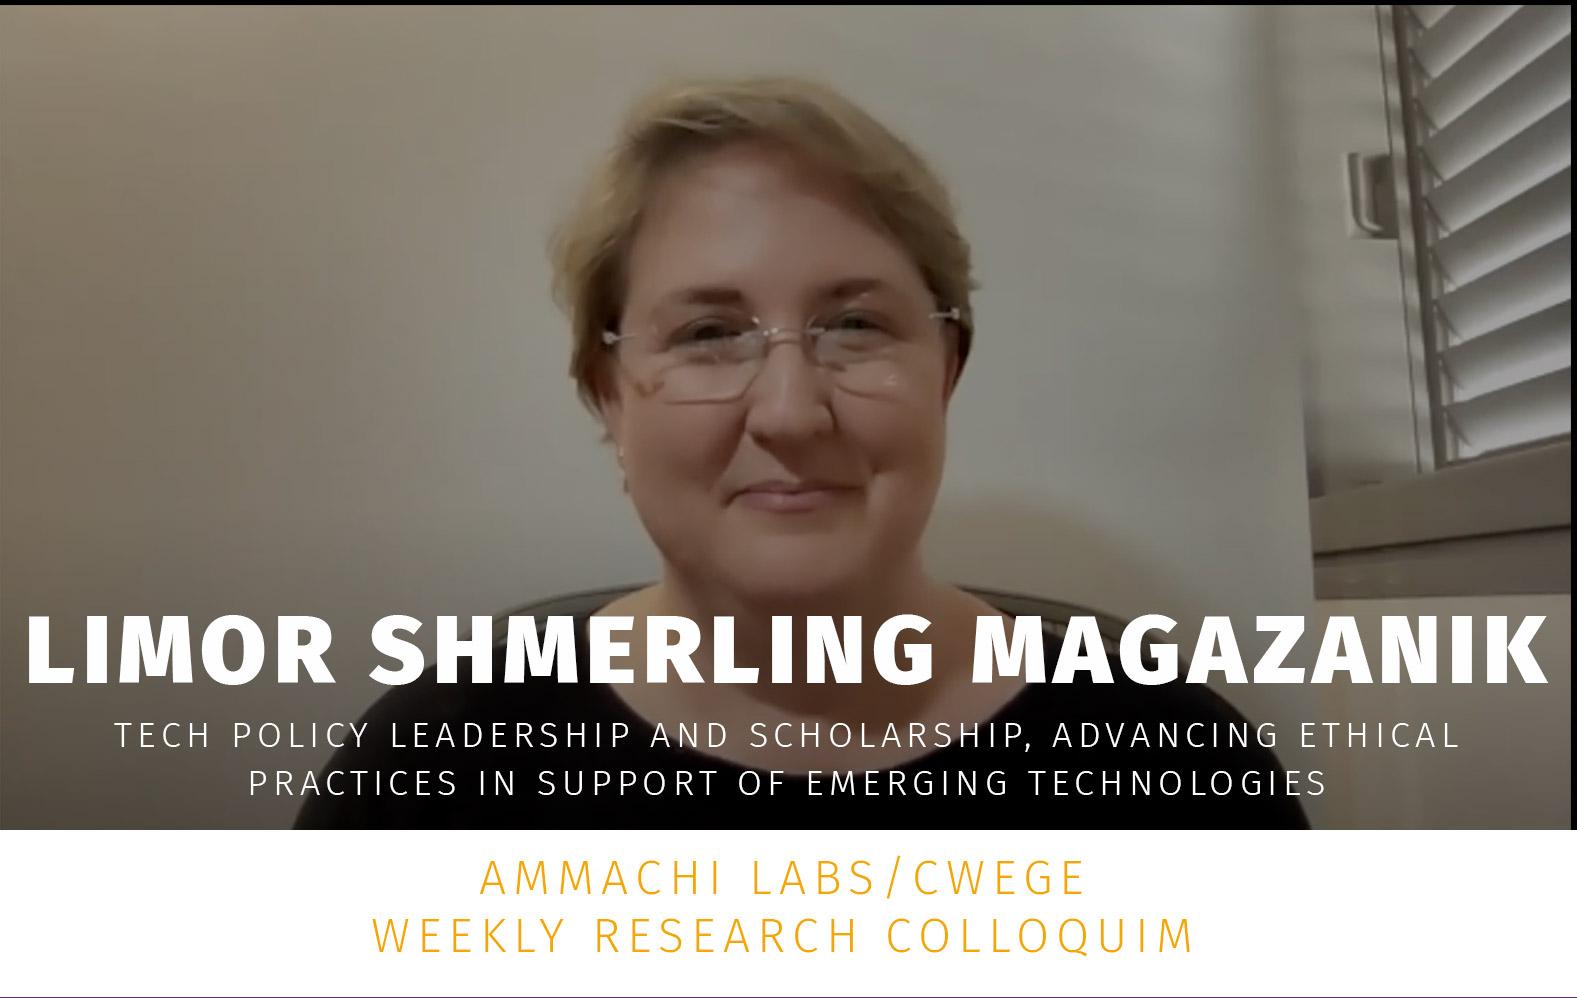 Limore Shmerling Magazanik